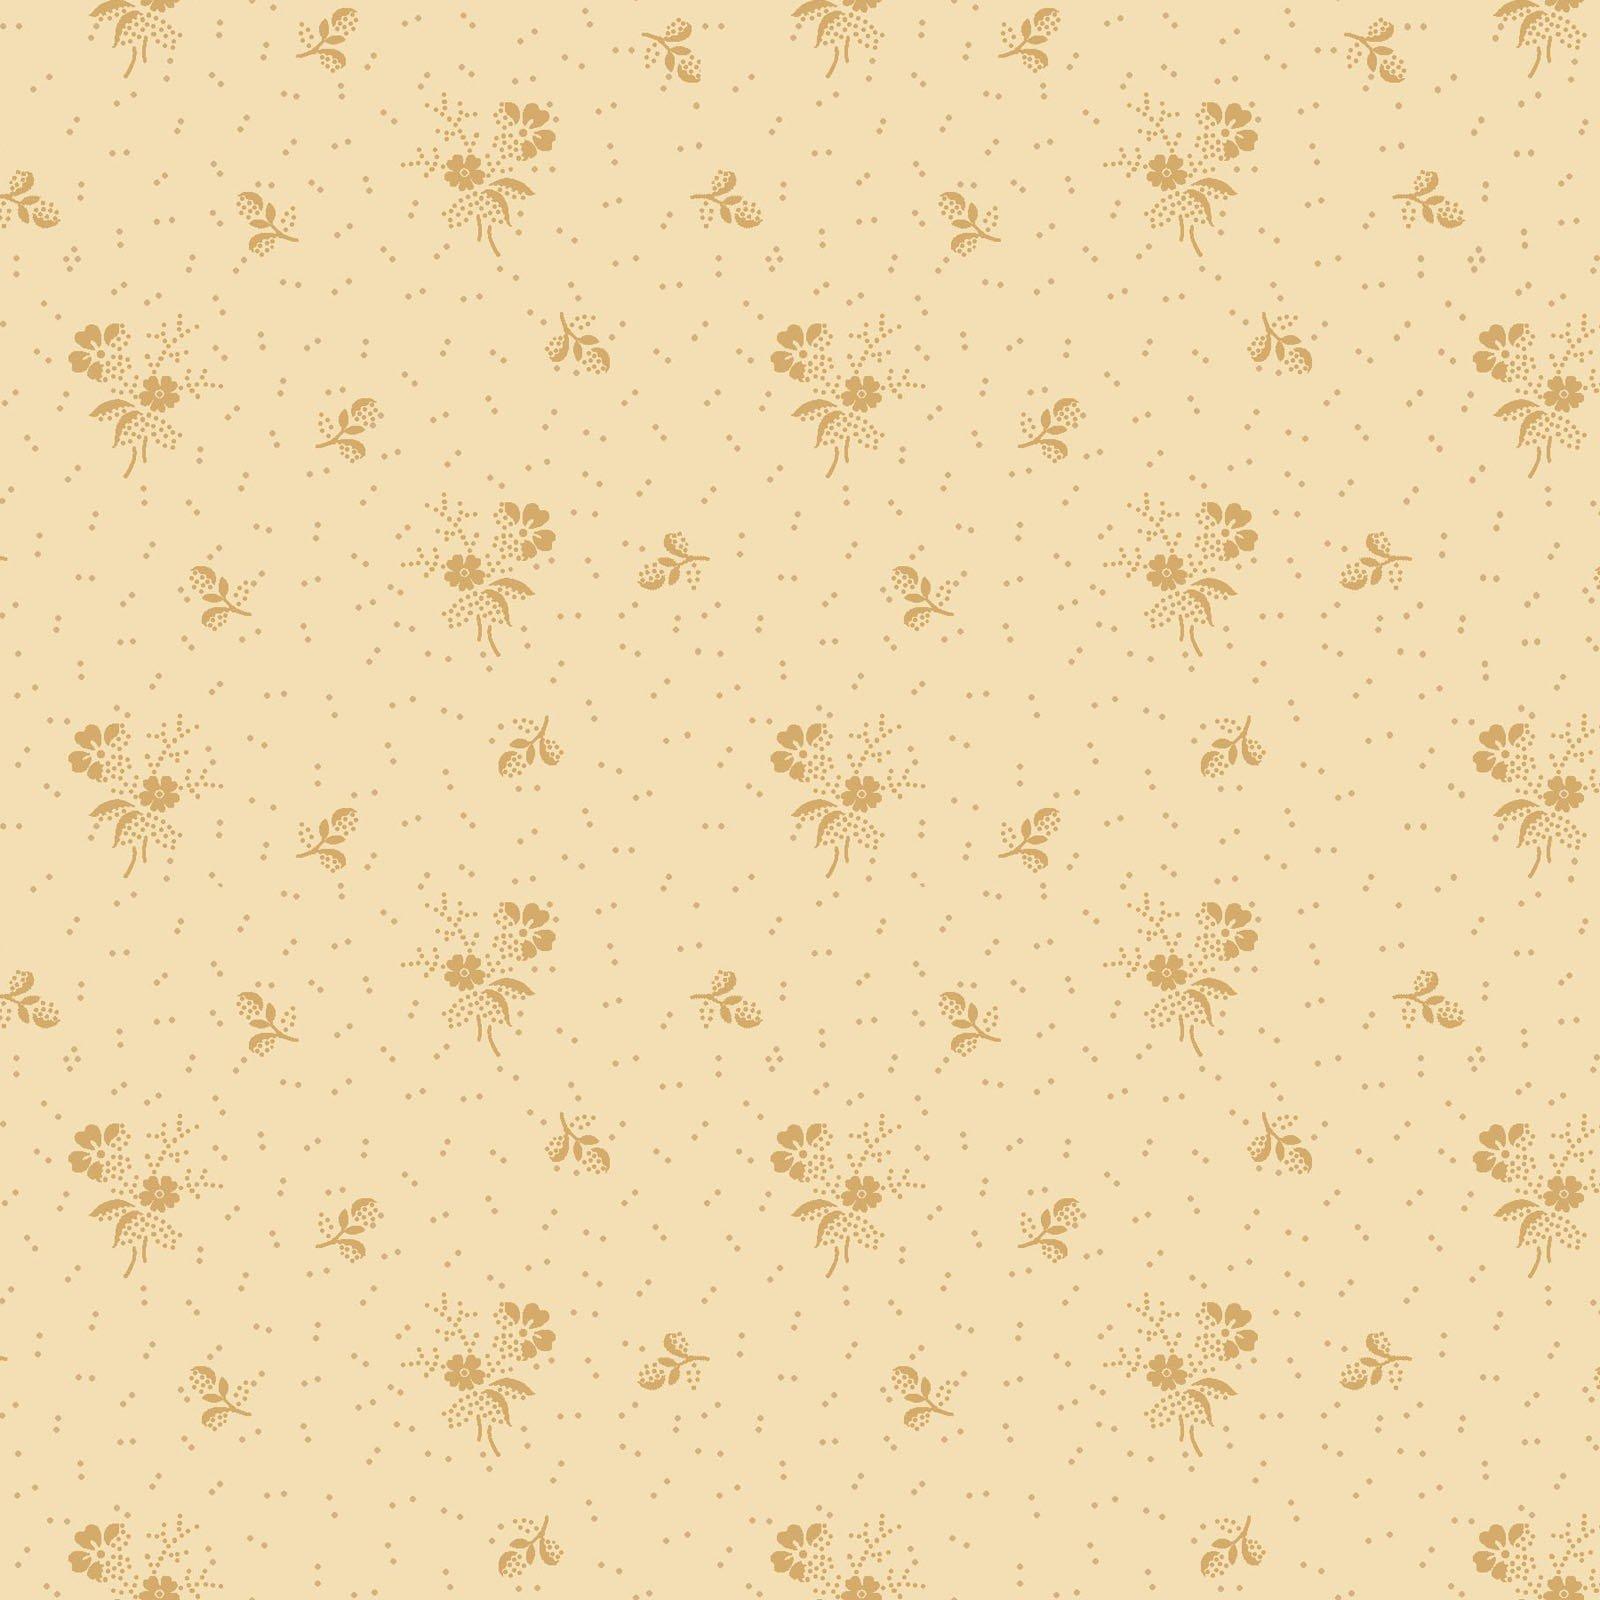 Linen Closet<br/>Henry Glass 8568-44